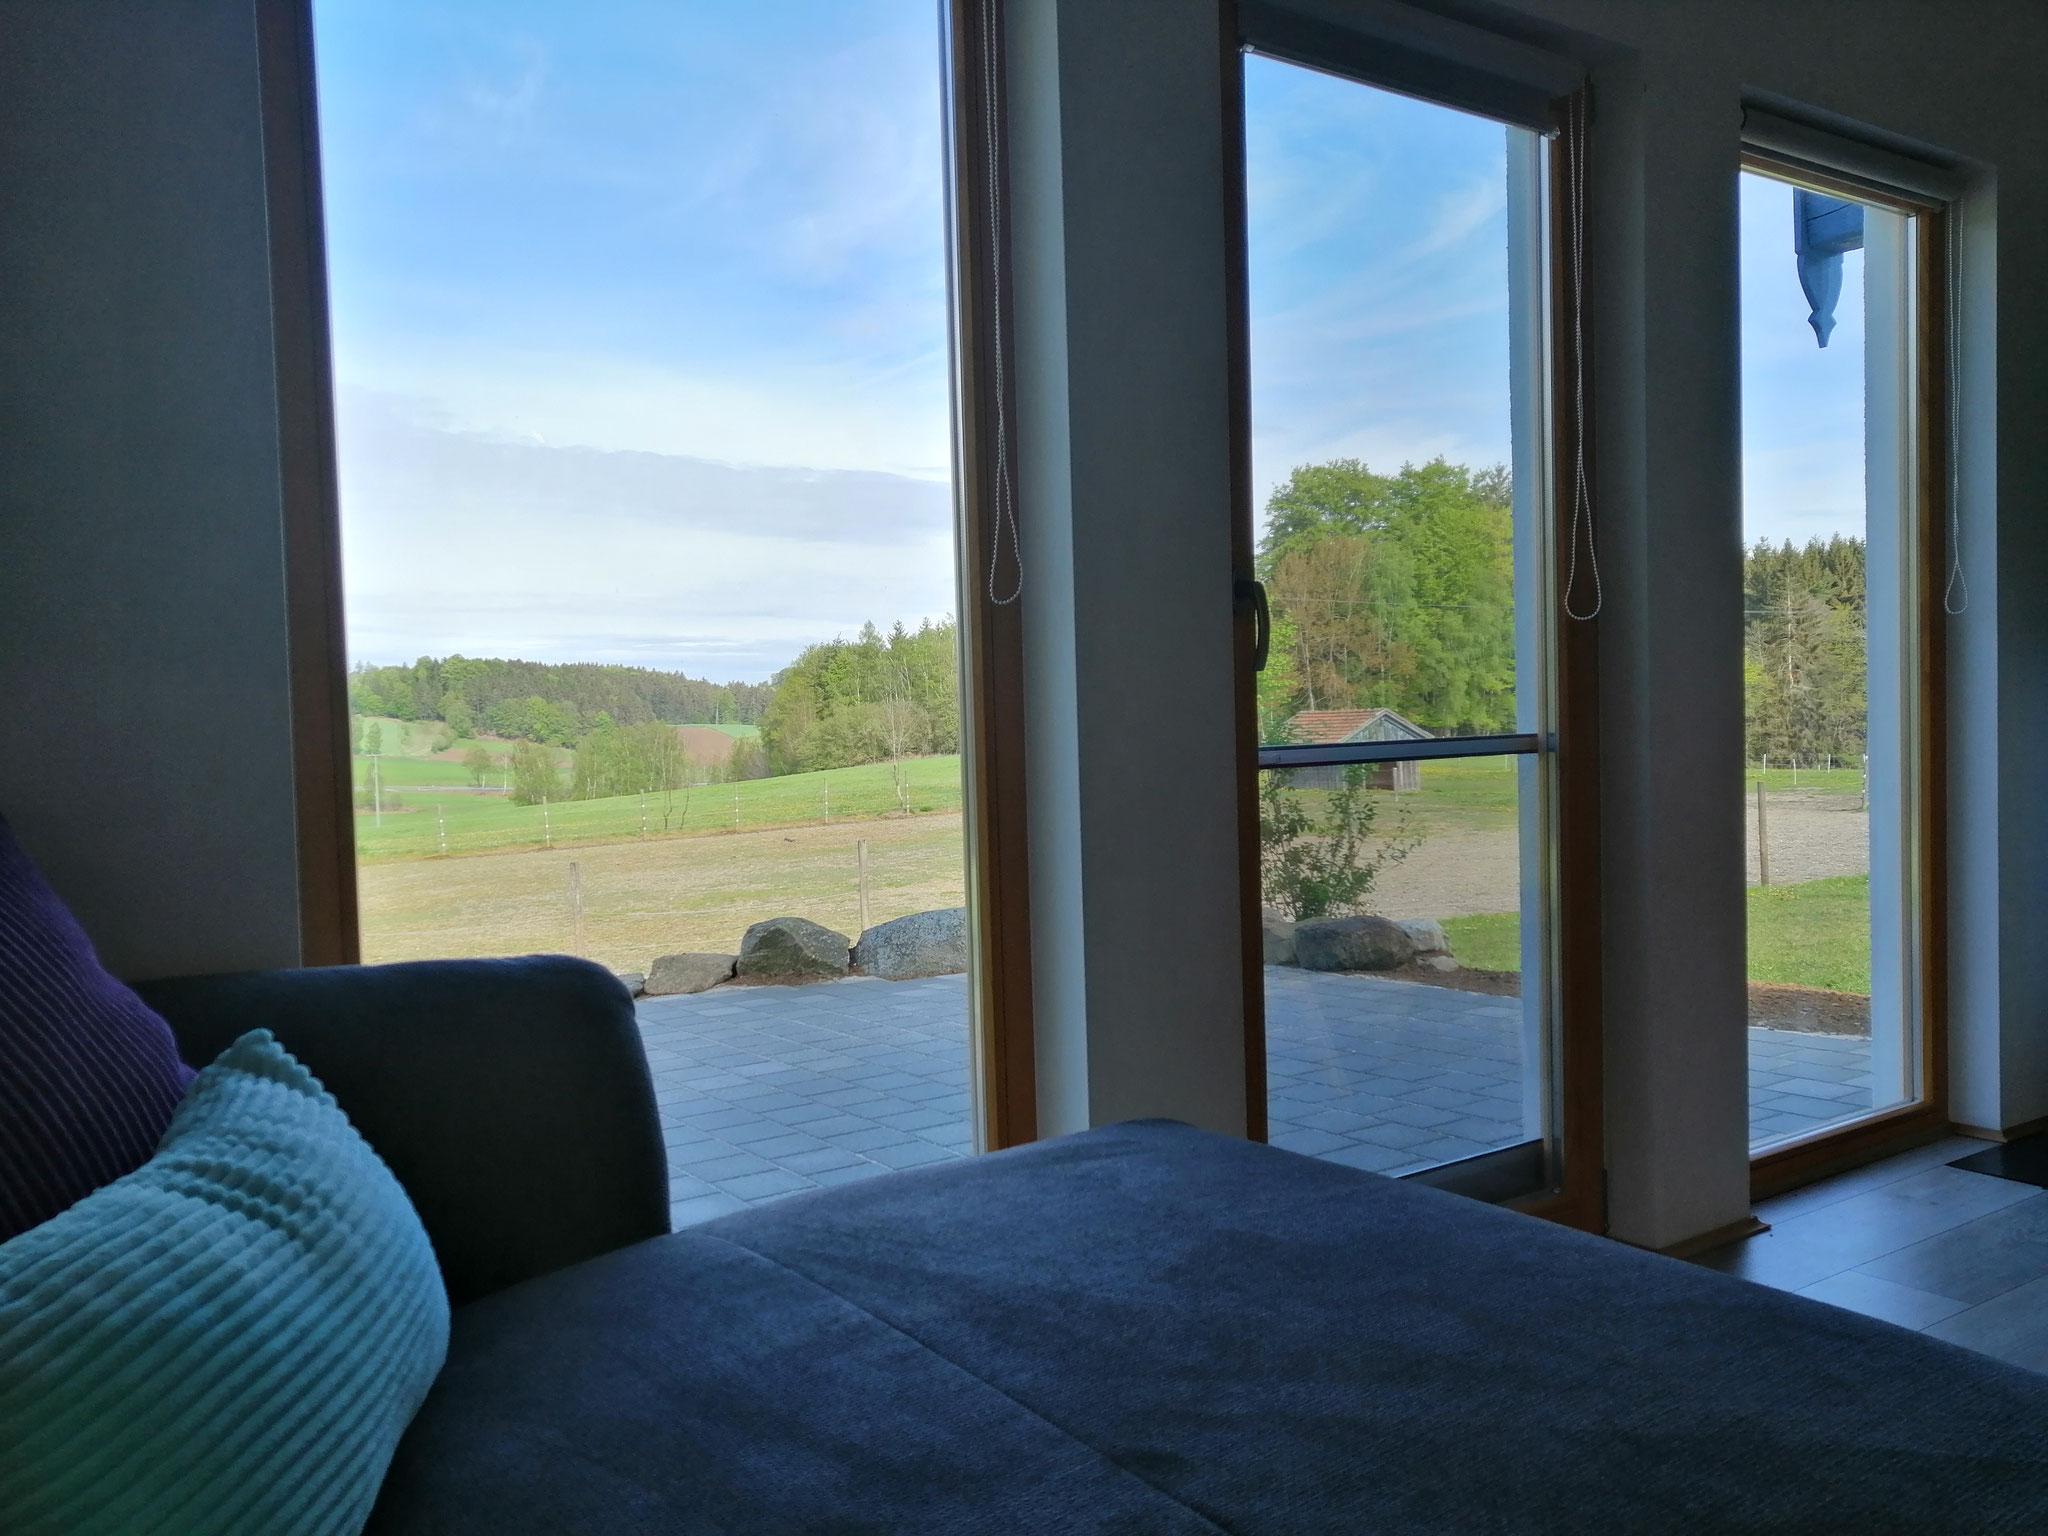 Blick nach draußen auf die eigene Terrasse ©KnallerbsenHof